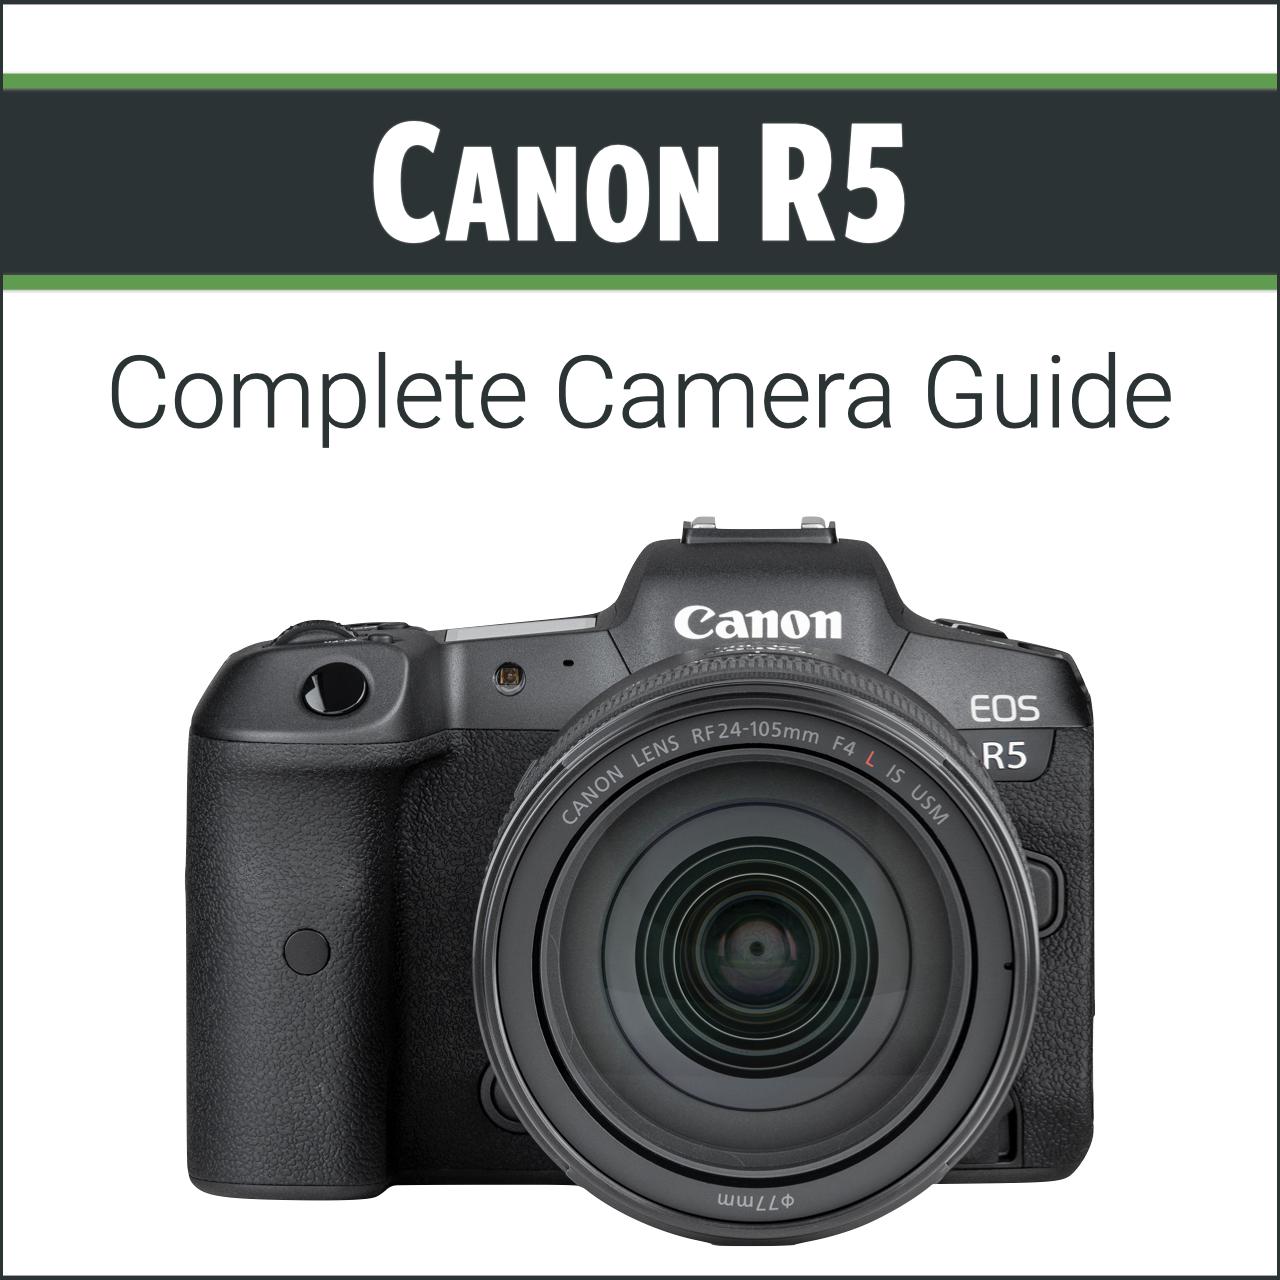 Canon R5: Complete Camera Guide